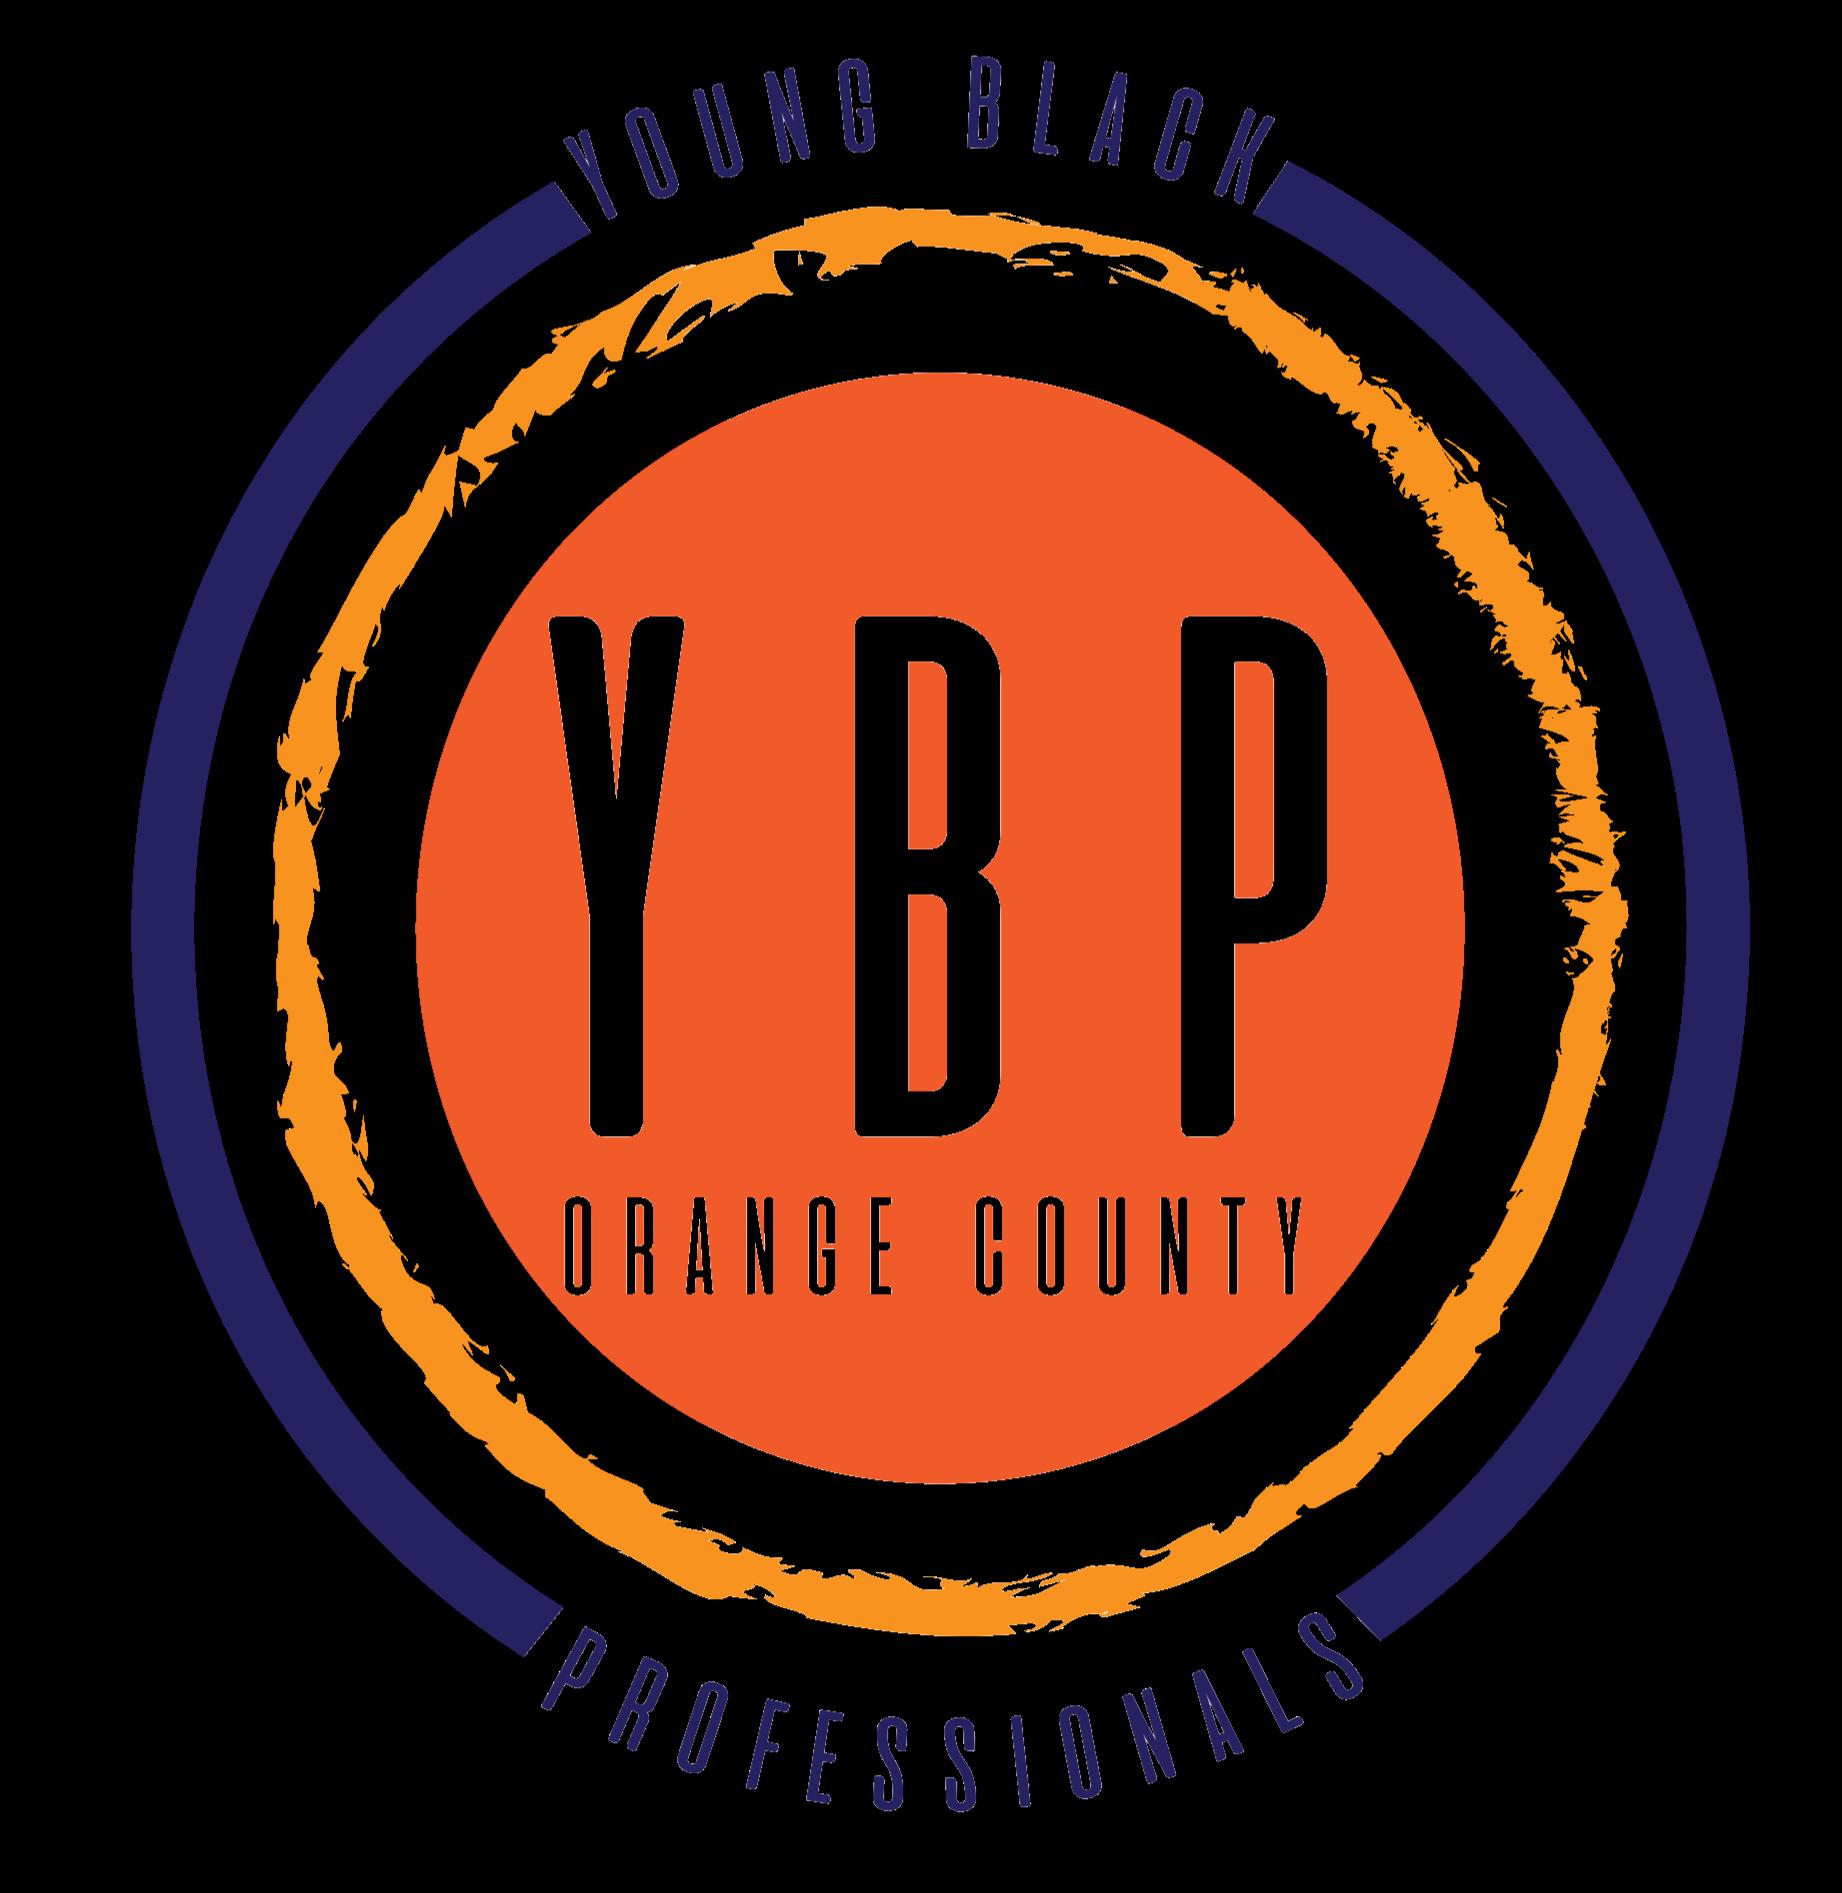 YBPOC